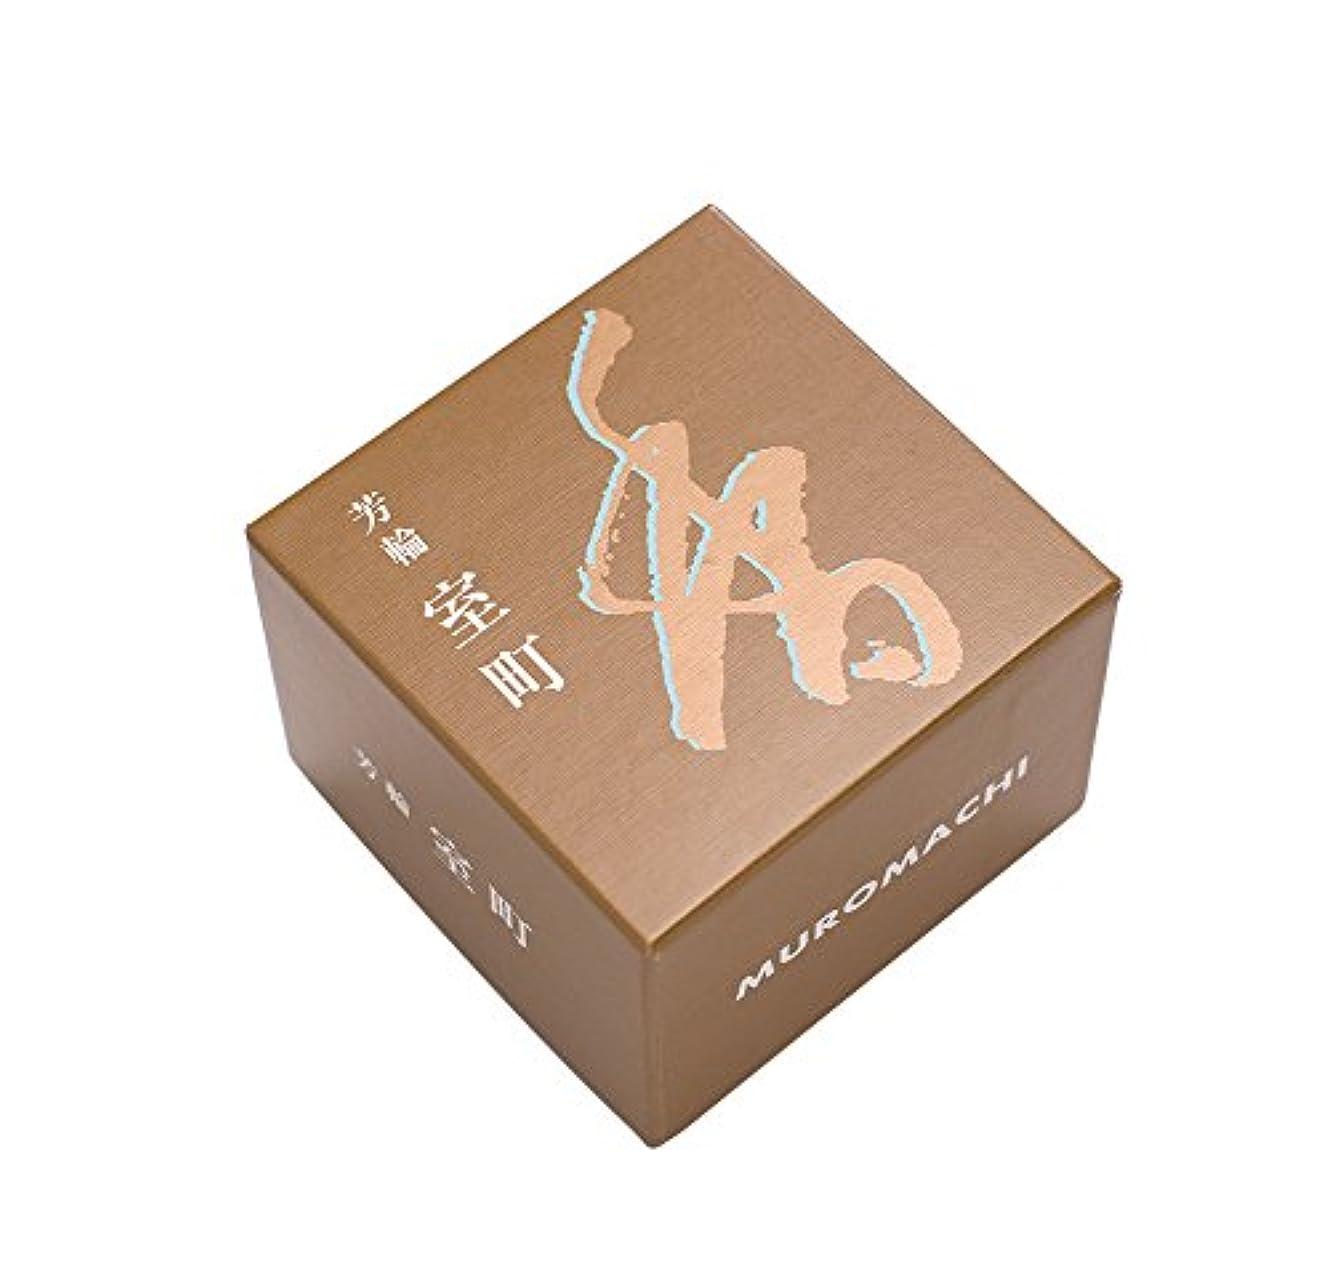 松栄堂のお香 芳輪室町 渦巻型10枚入 うてな角型付 #210421